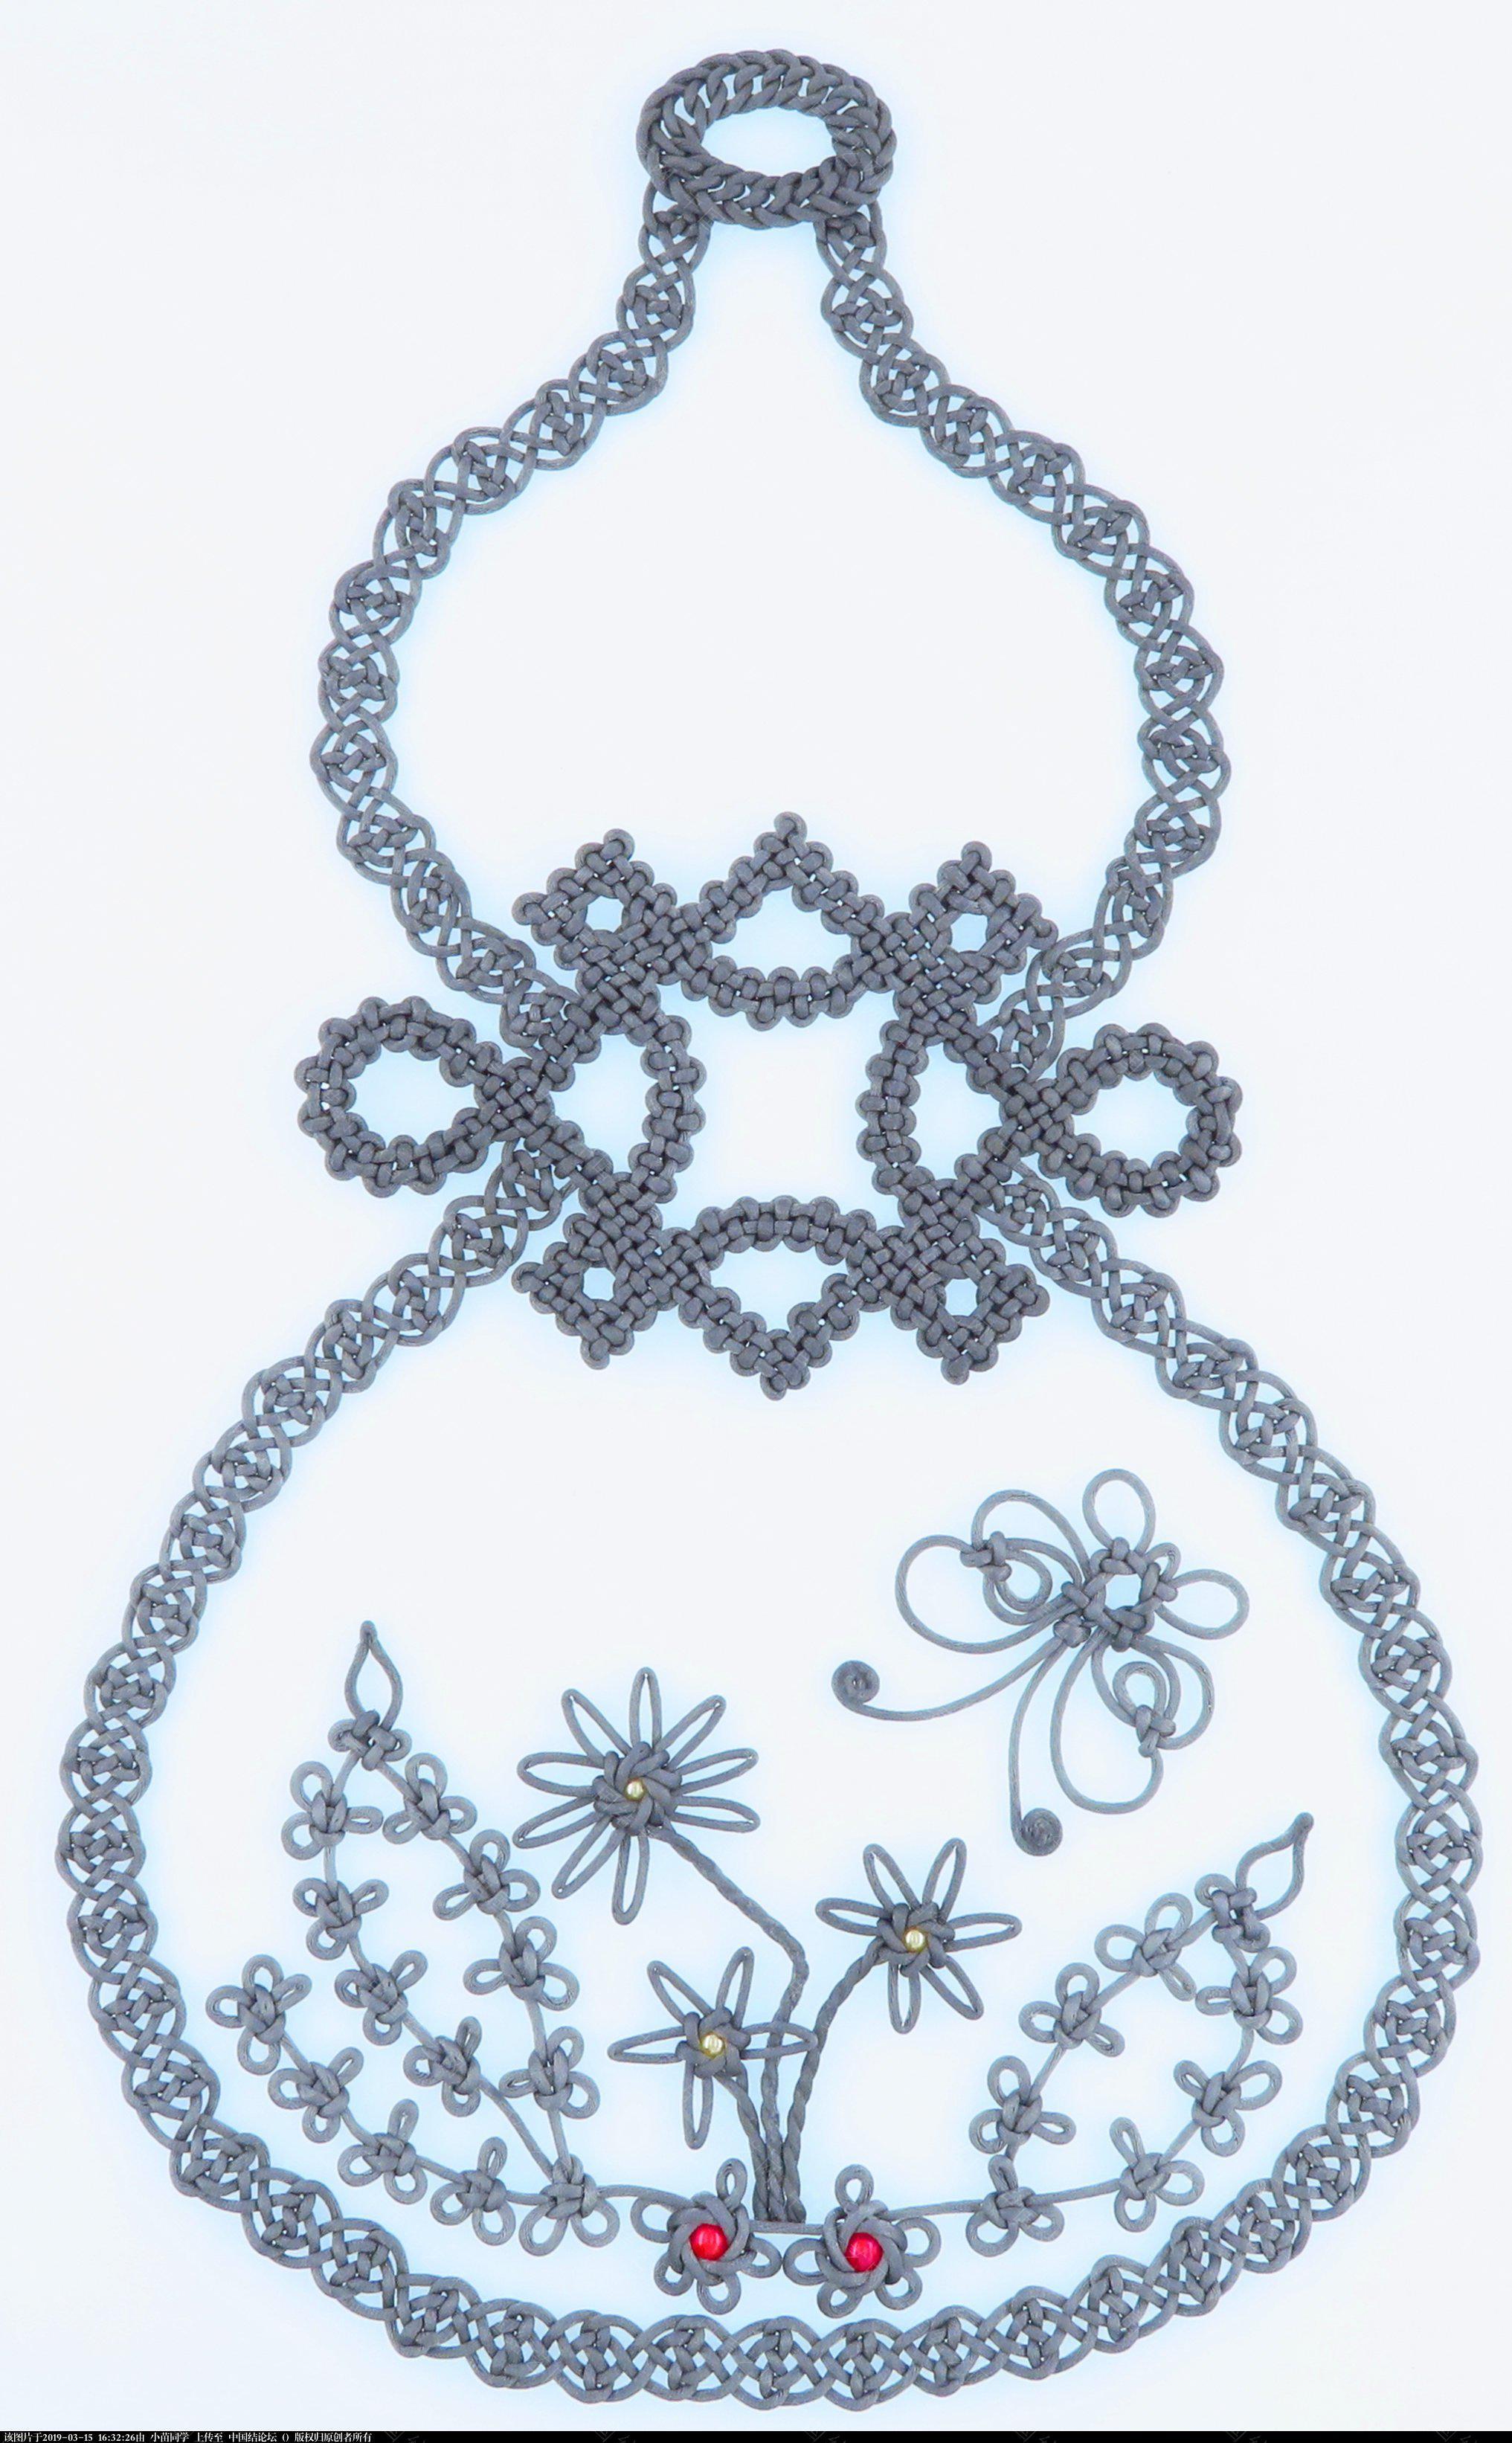 中国结论坛 模仿几何中国结里的葫芦  作品展示 163141i8kby7jzjk11w1jt